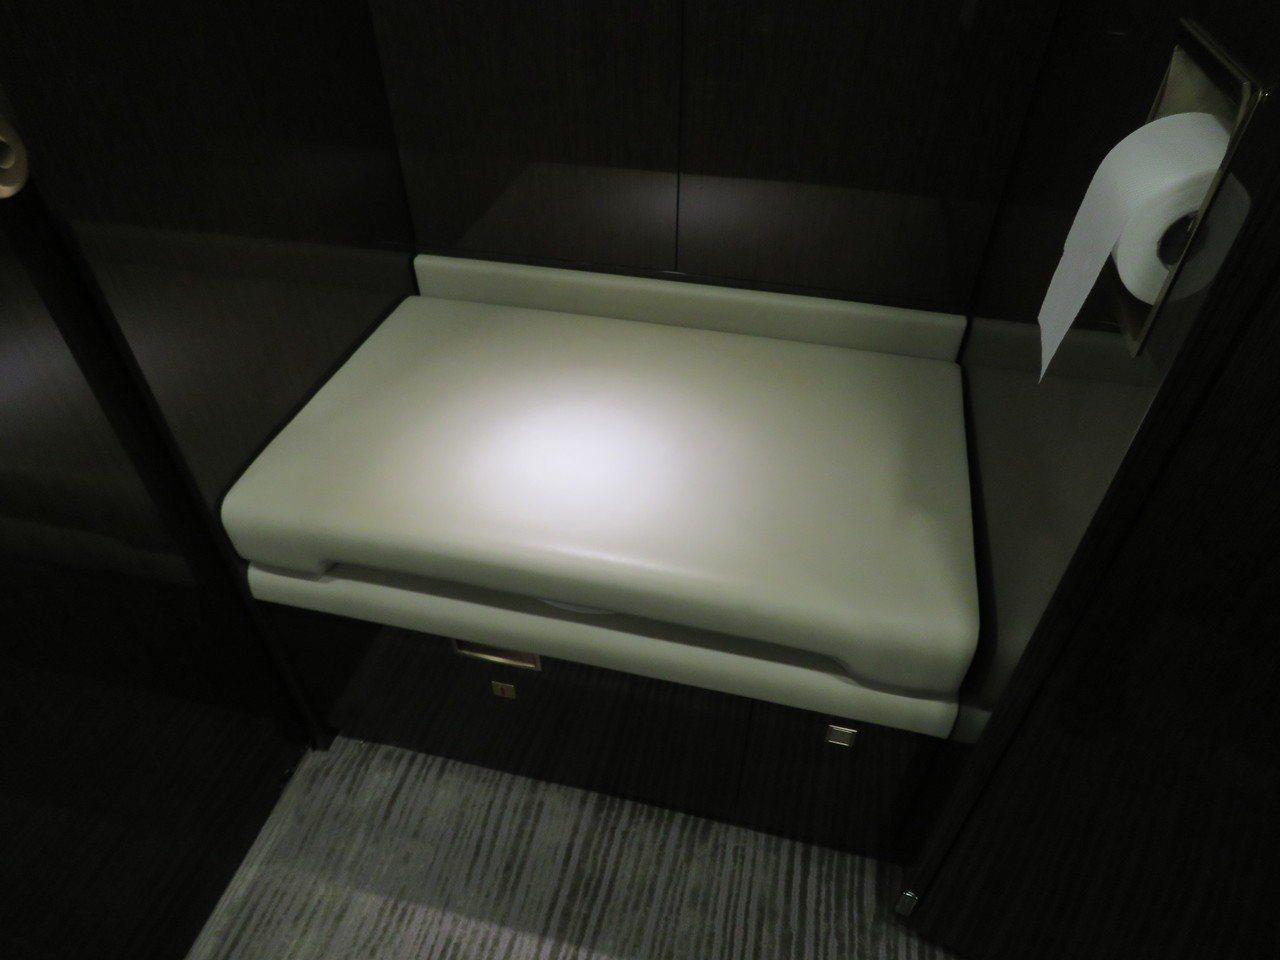 鴻海董事長郭台銘私人專機洗手間內部。記者張加/攝影